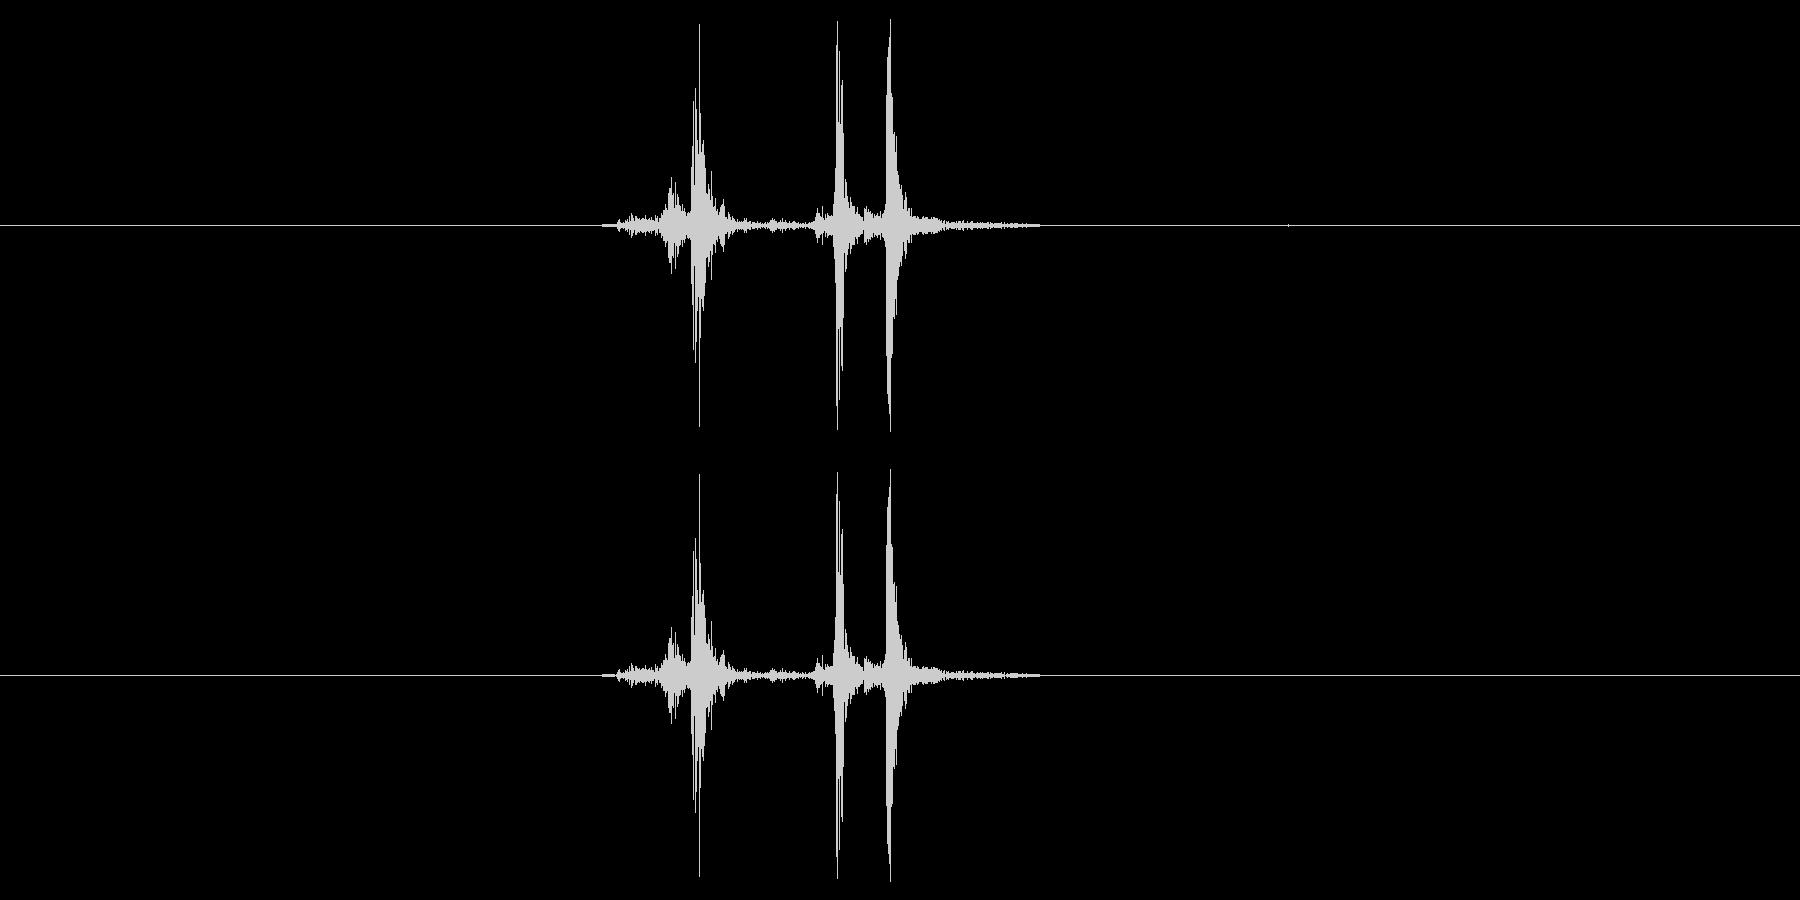 カシャッ(カメラ、写真撮影)の未再生の波形